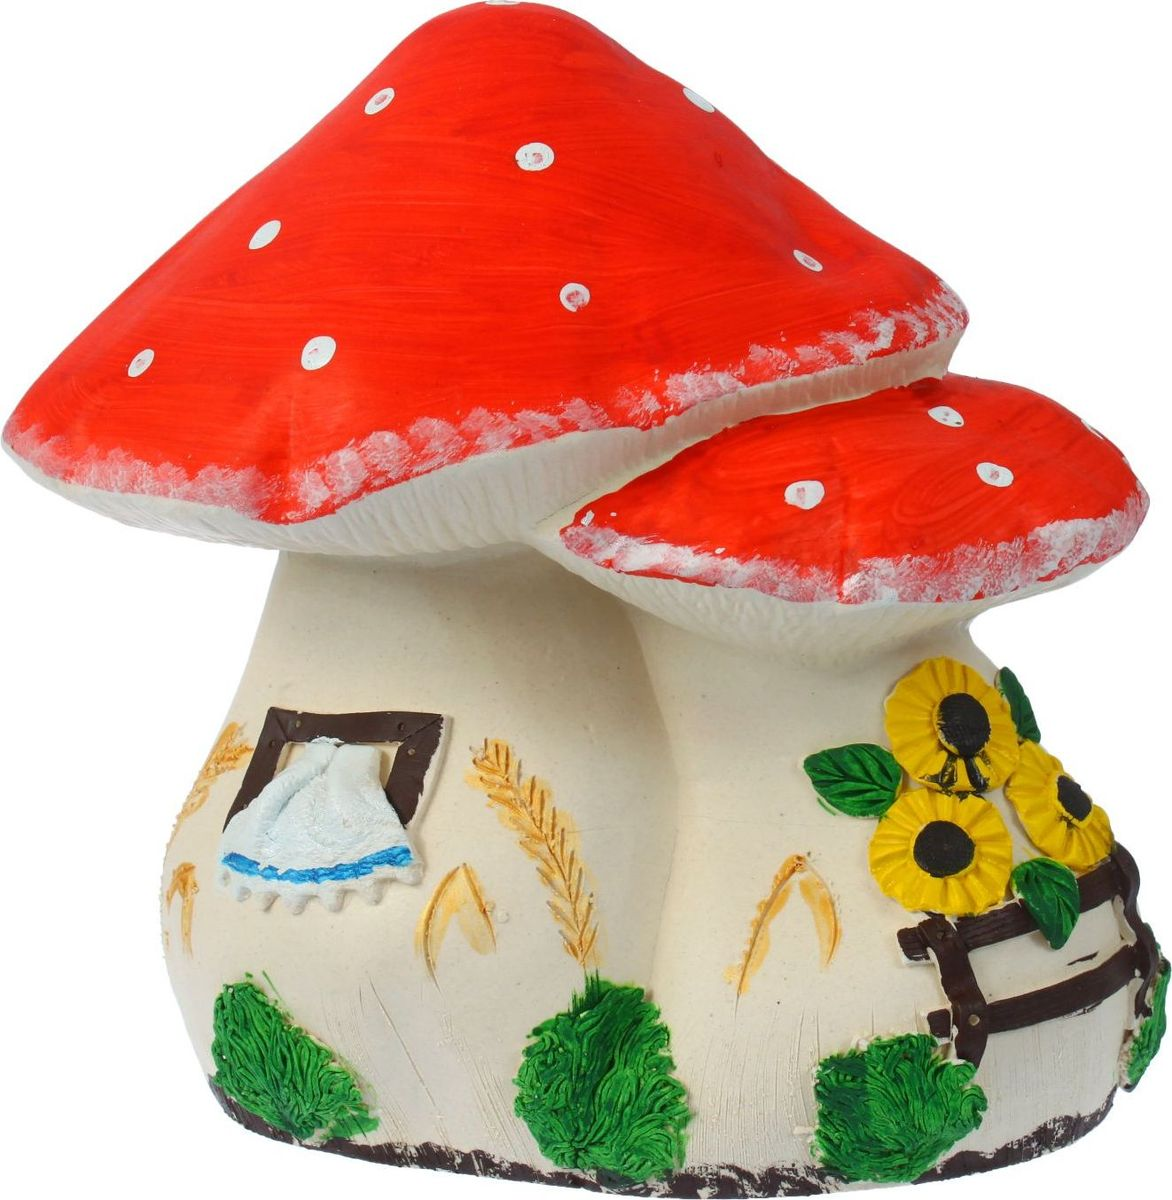 Поставьте копилку в форме гриба на кухне или в прихожей, ведь этот лесной житель является символом долголетия. Откладывая в неё деньги на покупку приятных мелочей, вы точно будете знать, что однажды она вас выручит. Обращаем ваше внимание, что копилка является одноразовой.